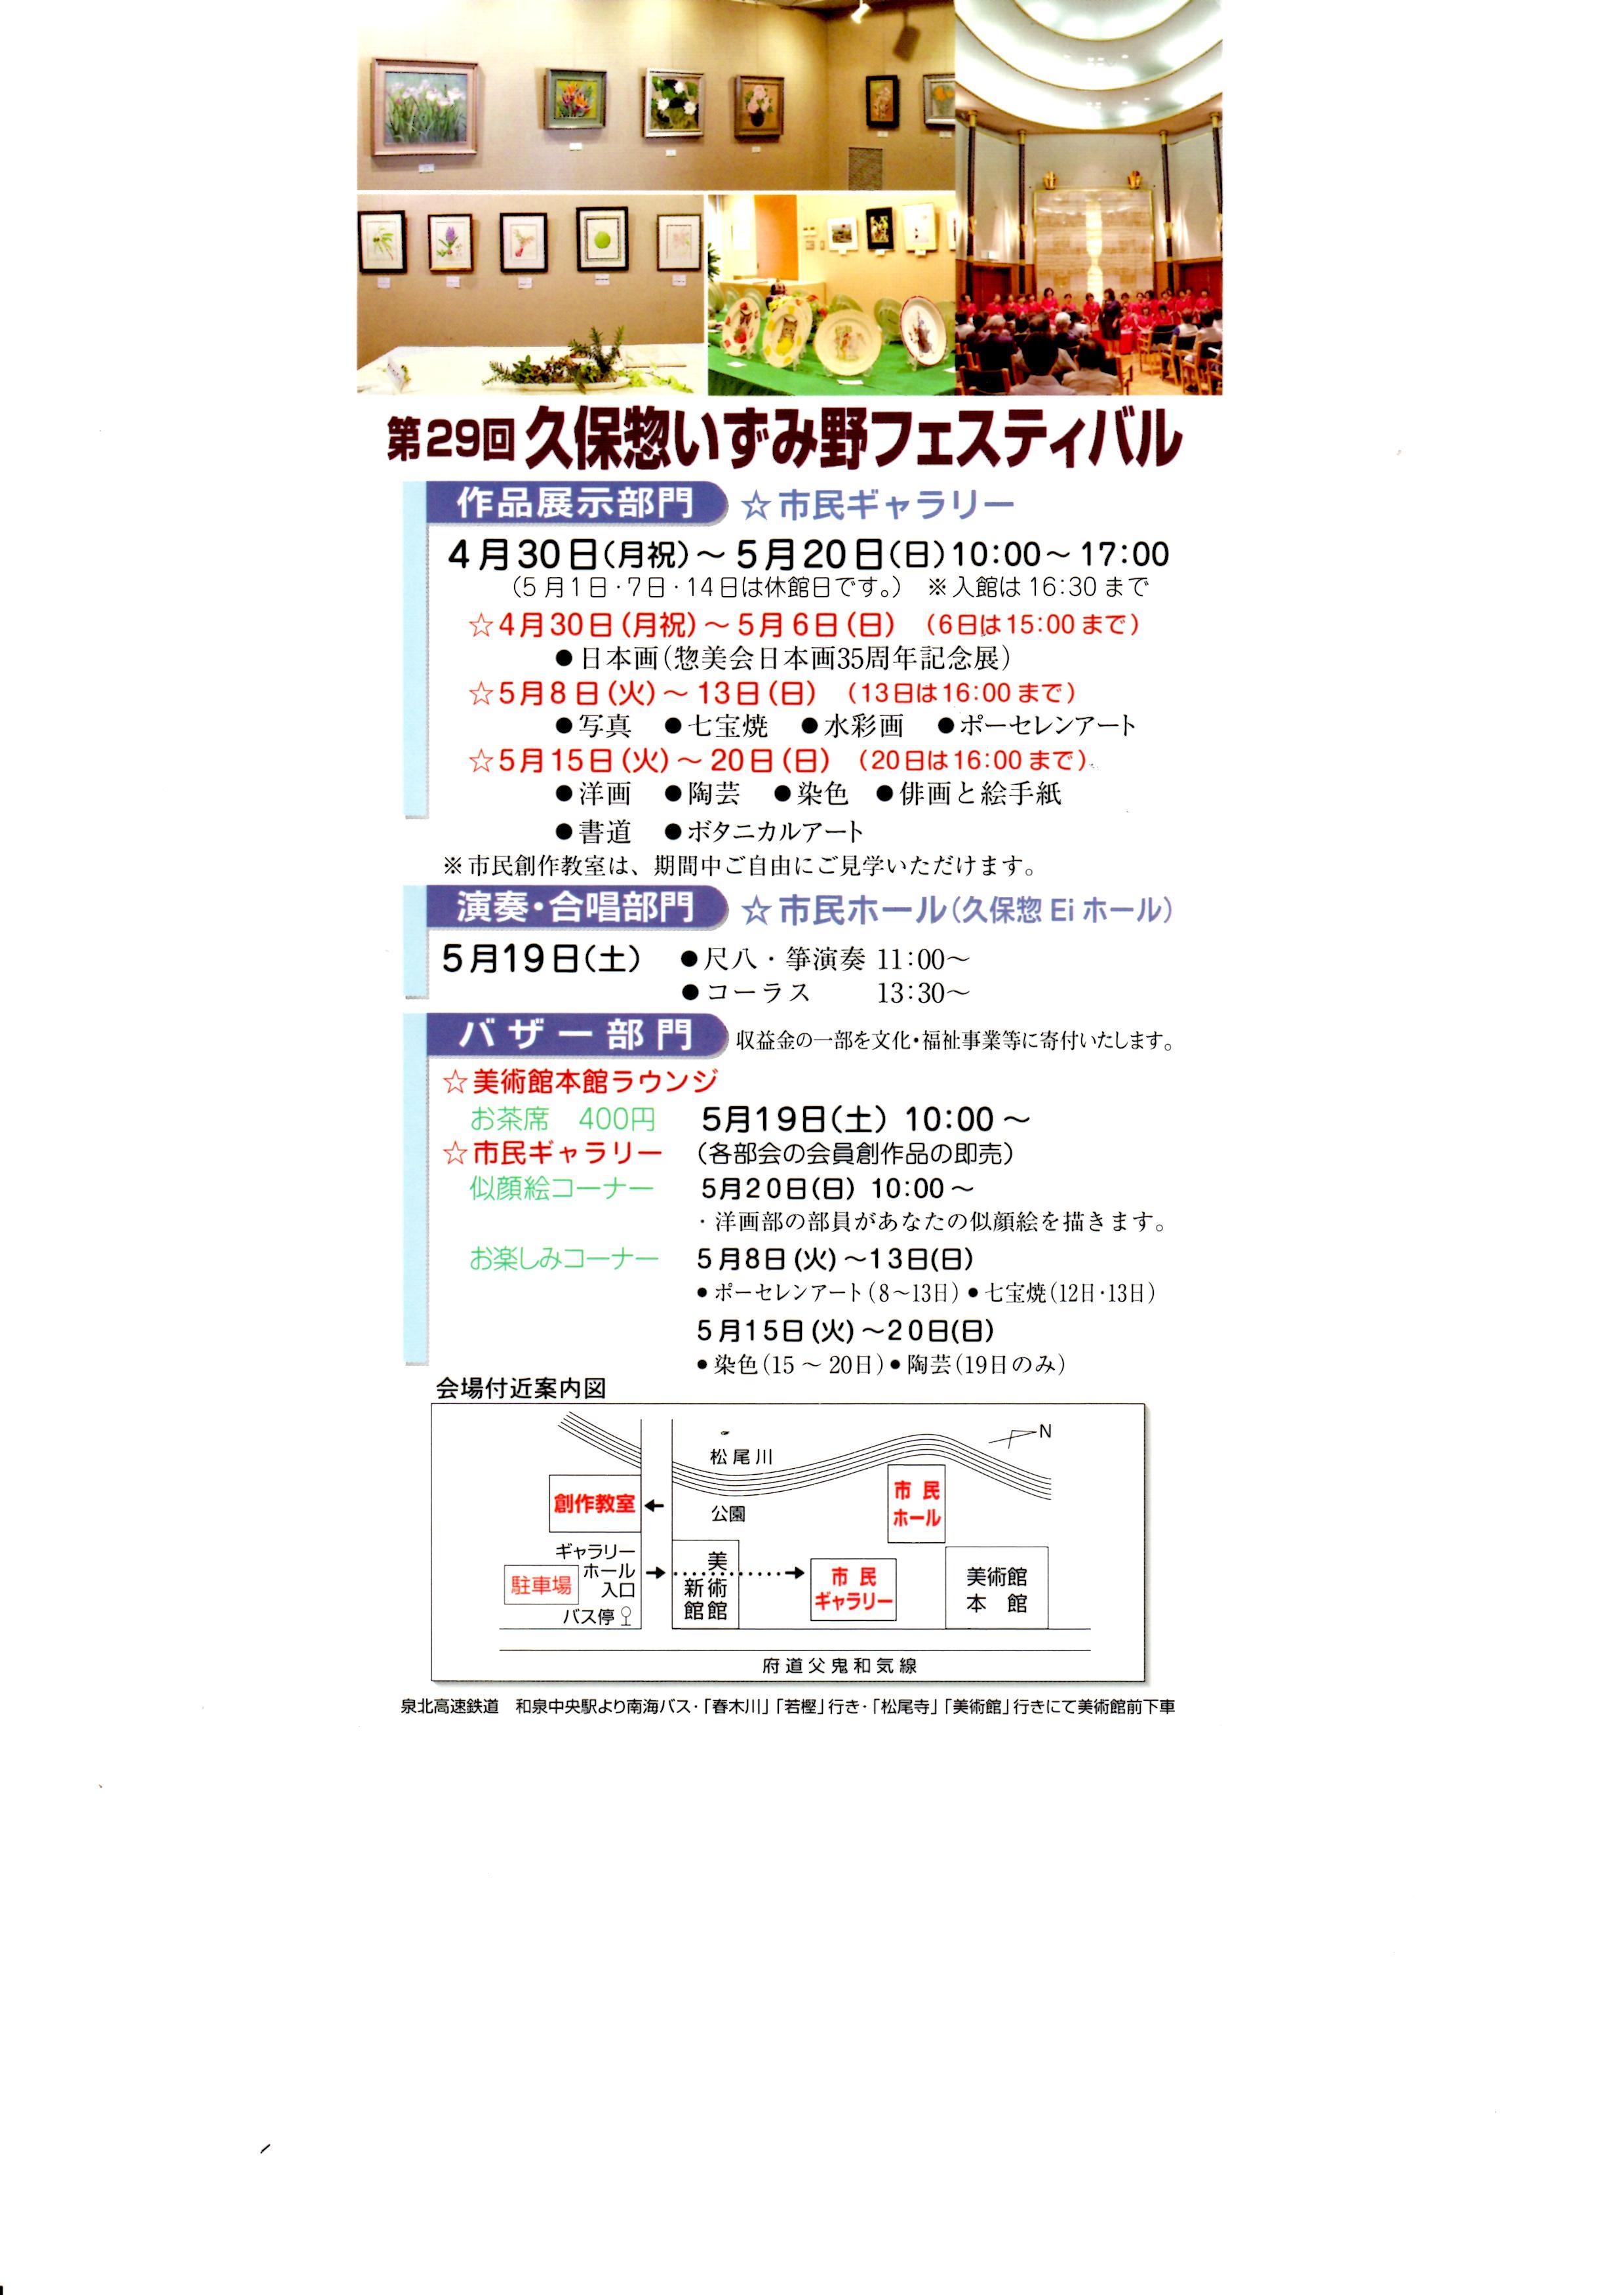 第29回『久保惣いずみ野フェスティバル』開催!4月30日(月・祝)~5月20日(日)まで